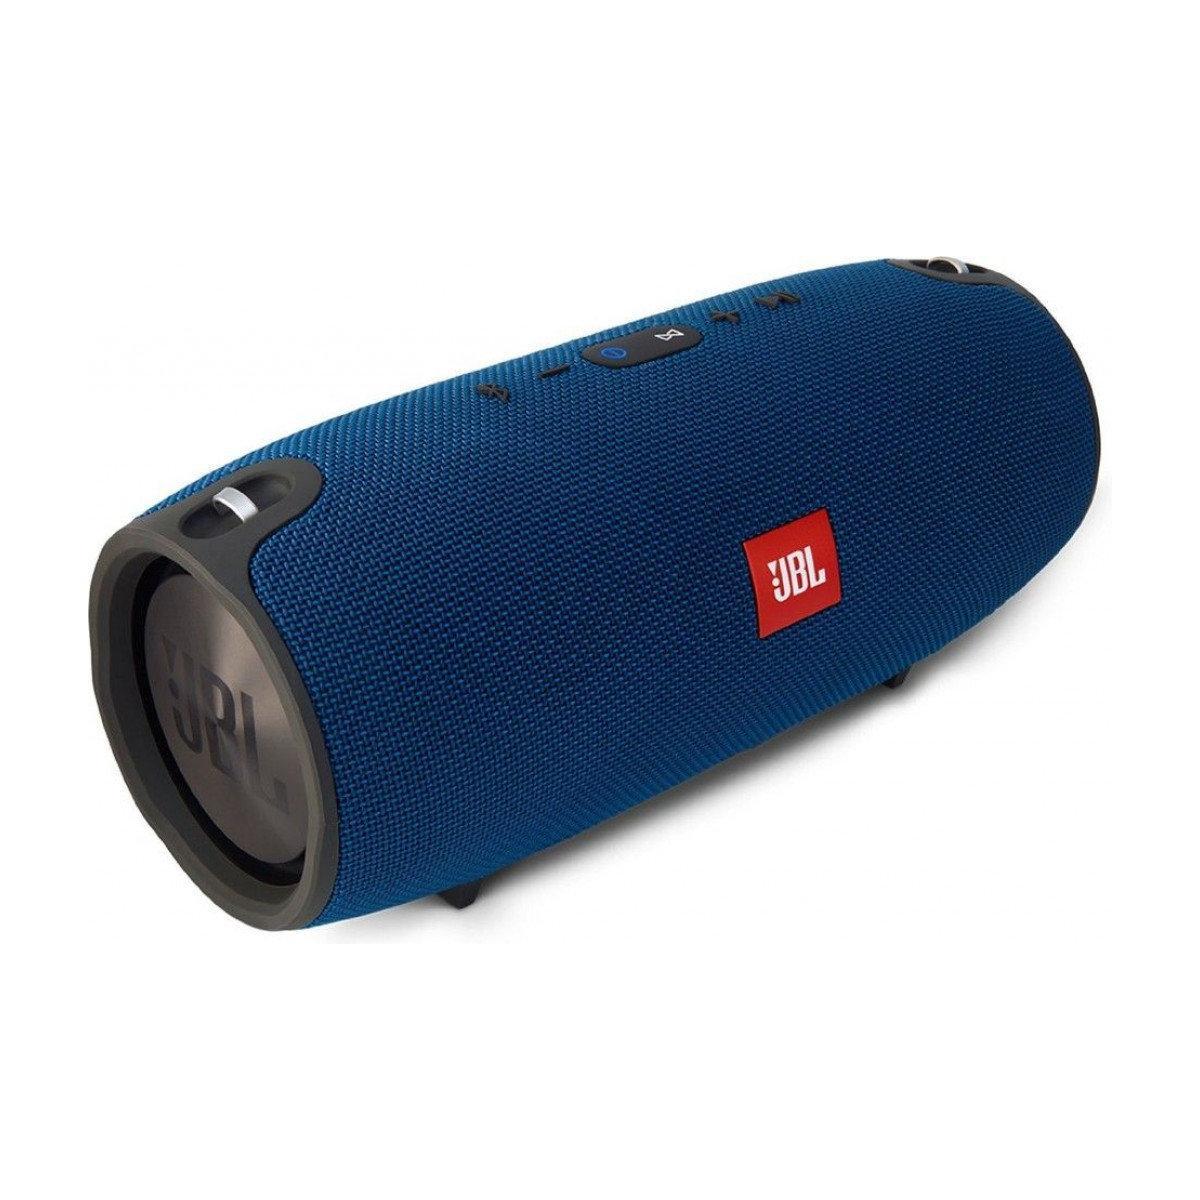 Акустическая система UBL Xtreme Blue